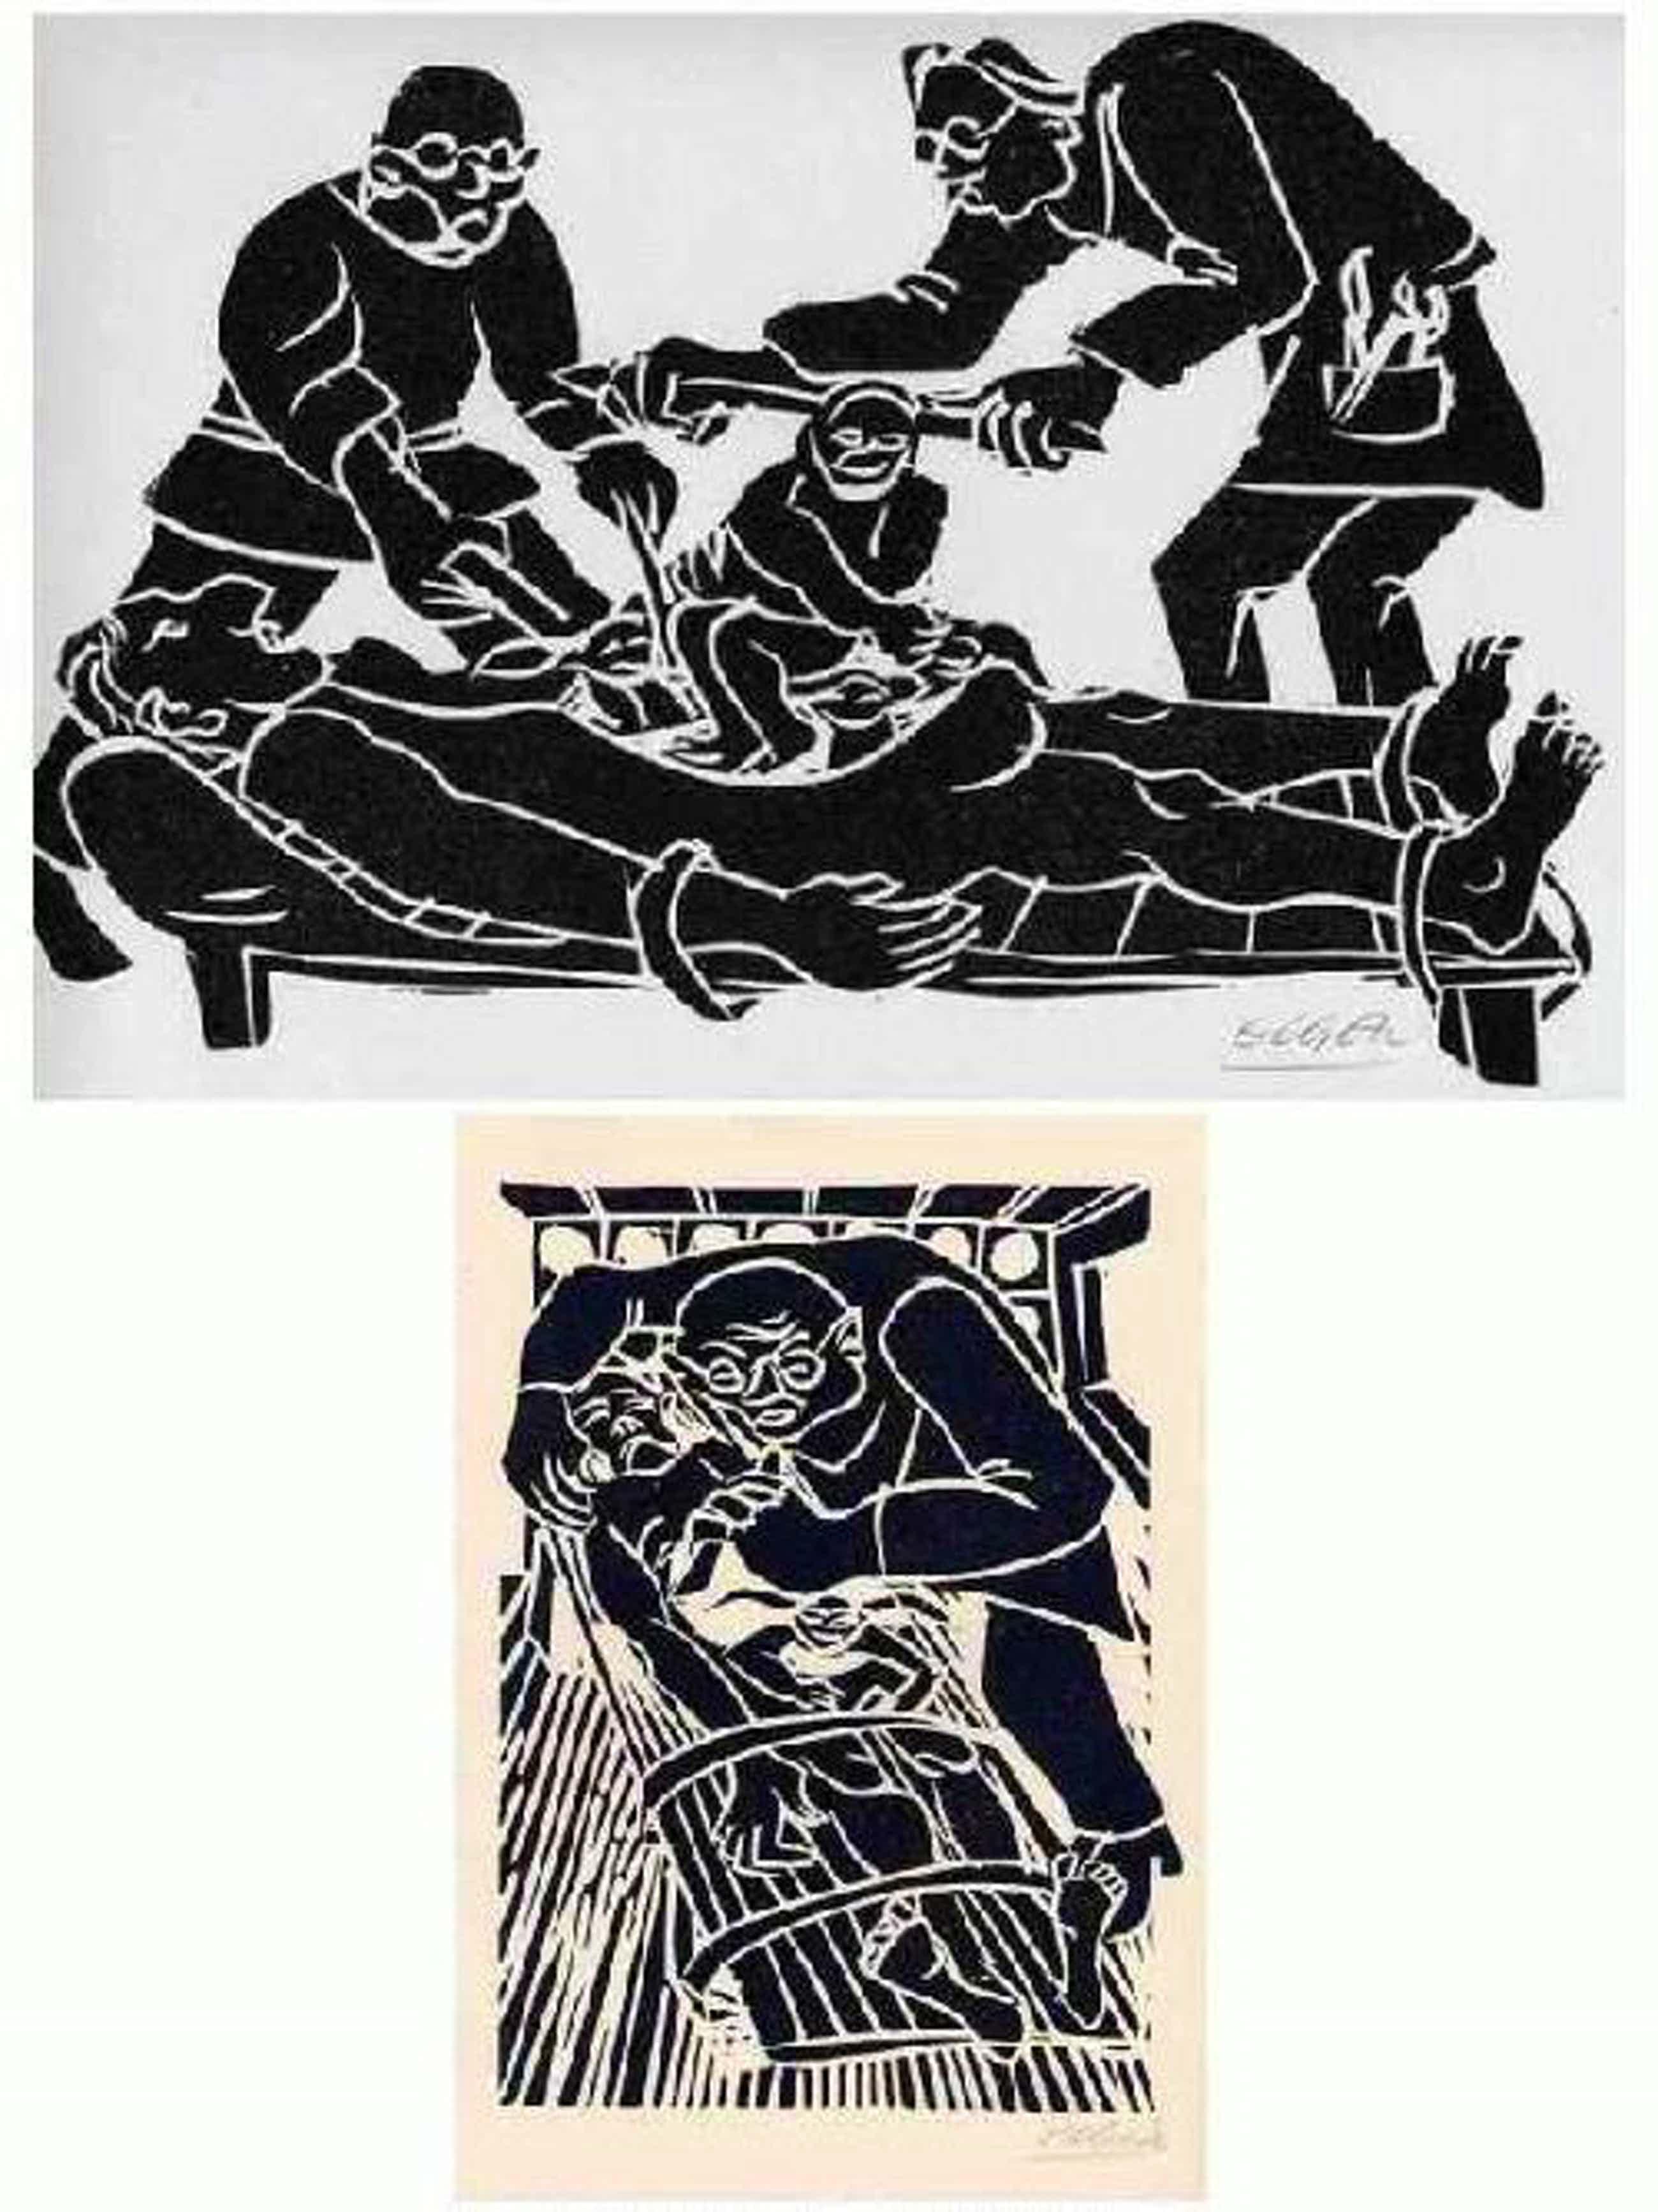 Heinrich Eugen von Zitzewitz - Hans SACHS 1976 -2 handsignierte OriginalLinolschnitte d.Künstlers a.POMMERN - 1978 Alphonse DAUDET kopen? Bied vanaf 32!